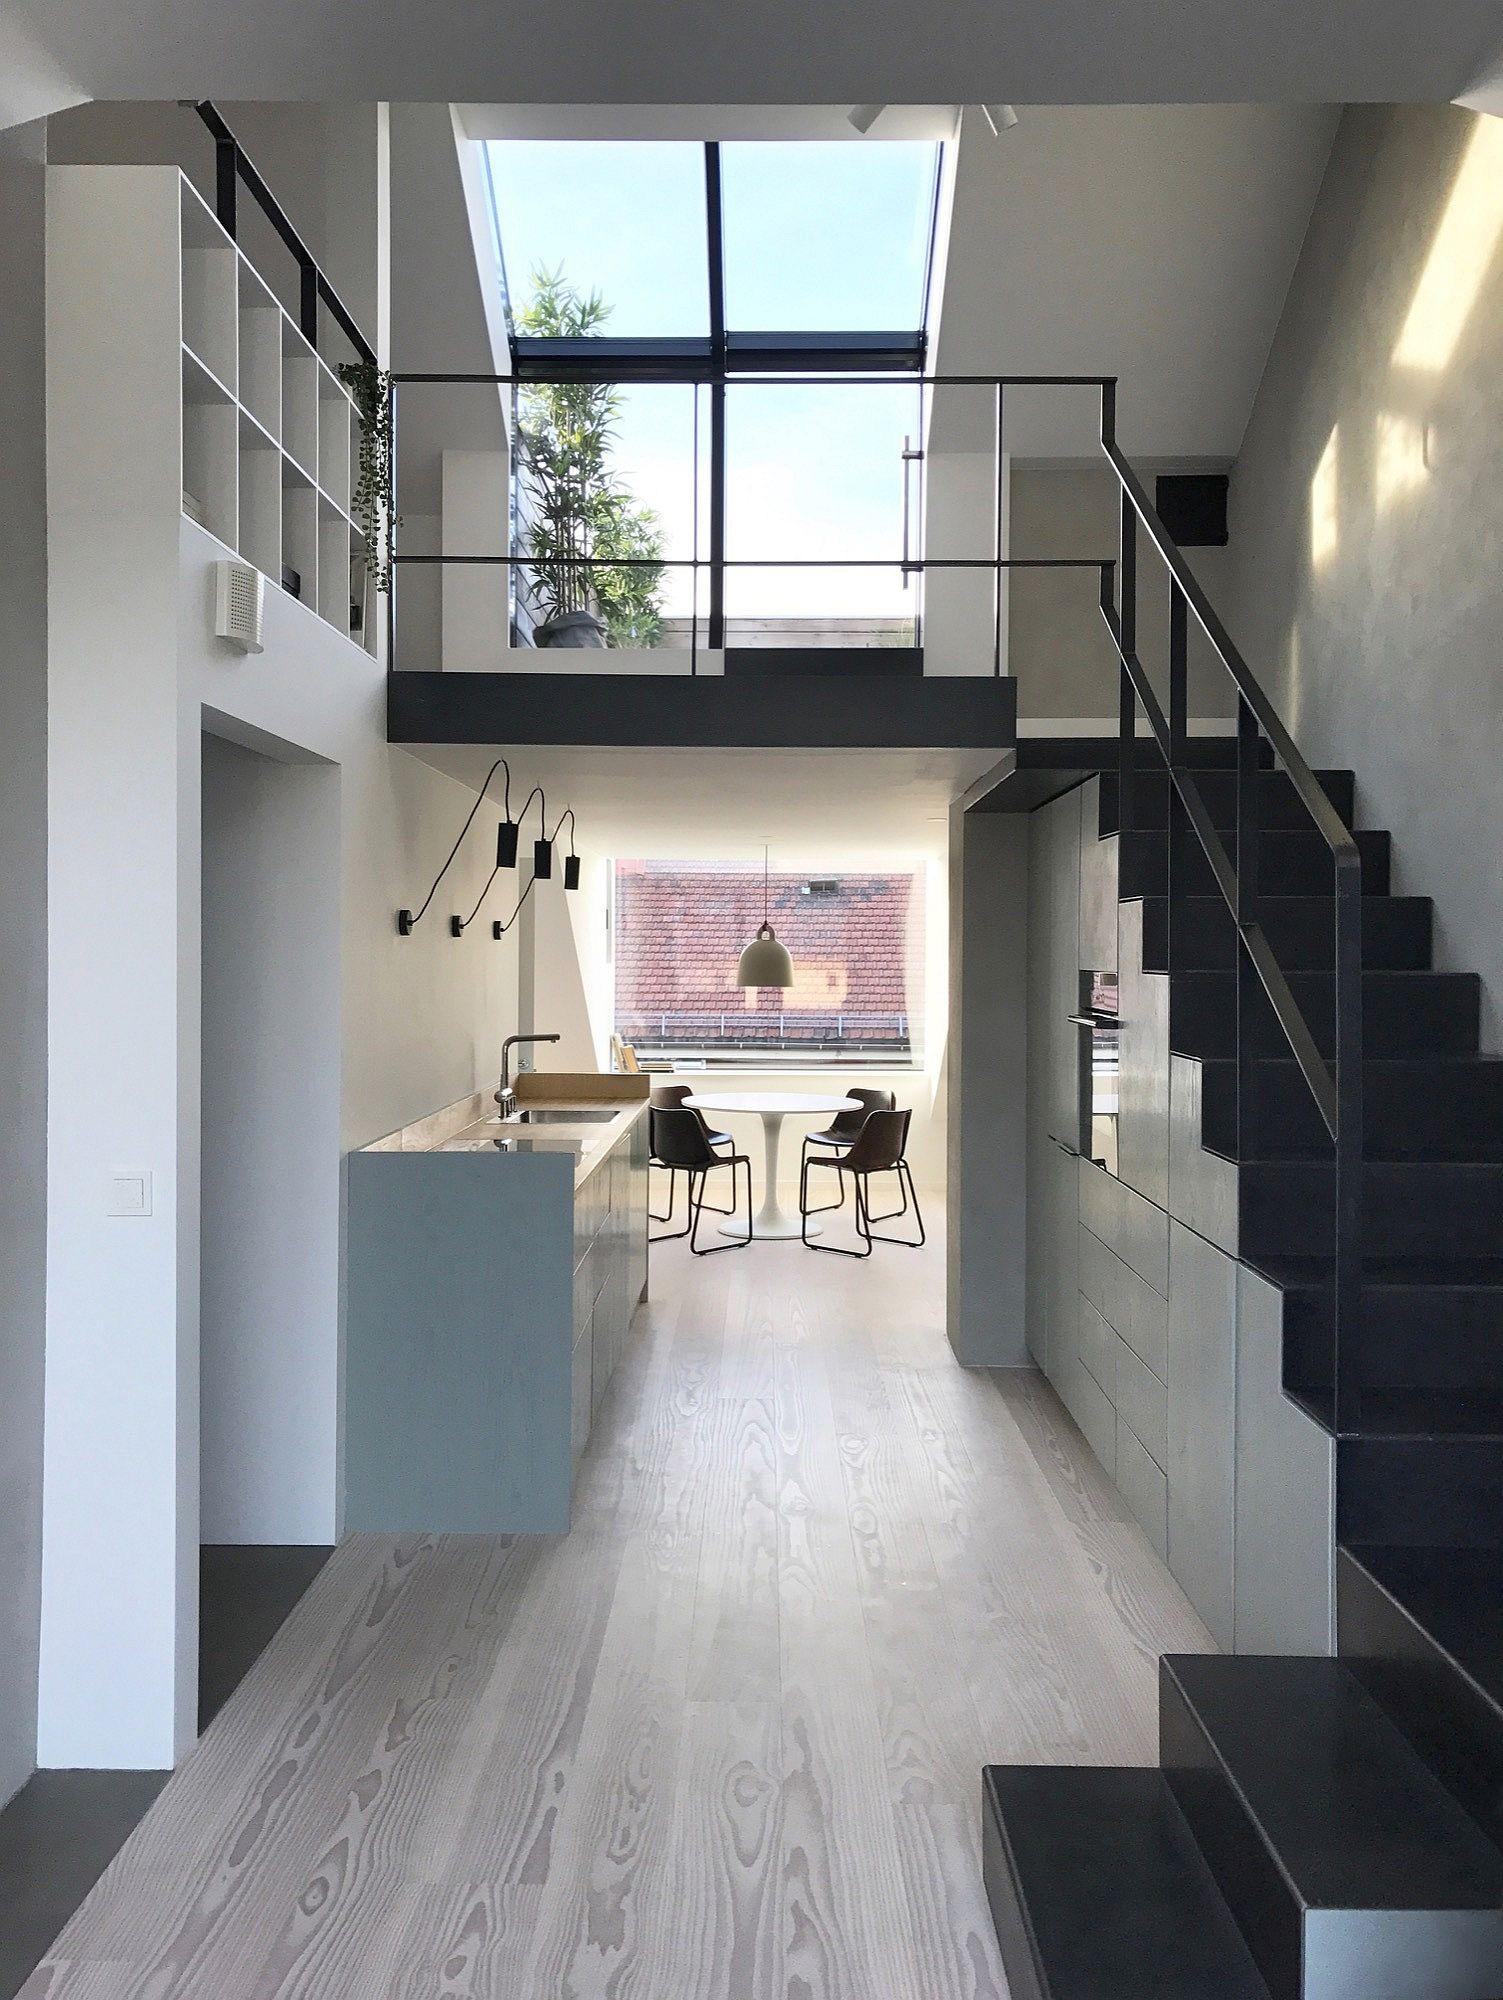 Biến hóa gác xép cũ thành căn hộ hiện đại, xinh xắn đầy ánh sáng tự nhiên - Ảnh 9